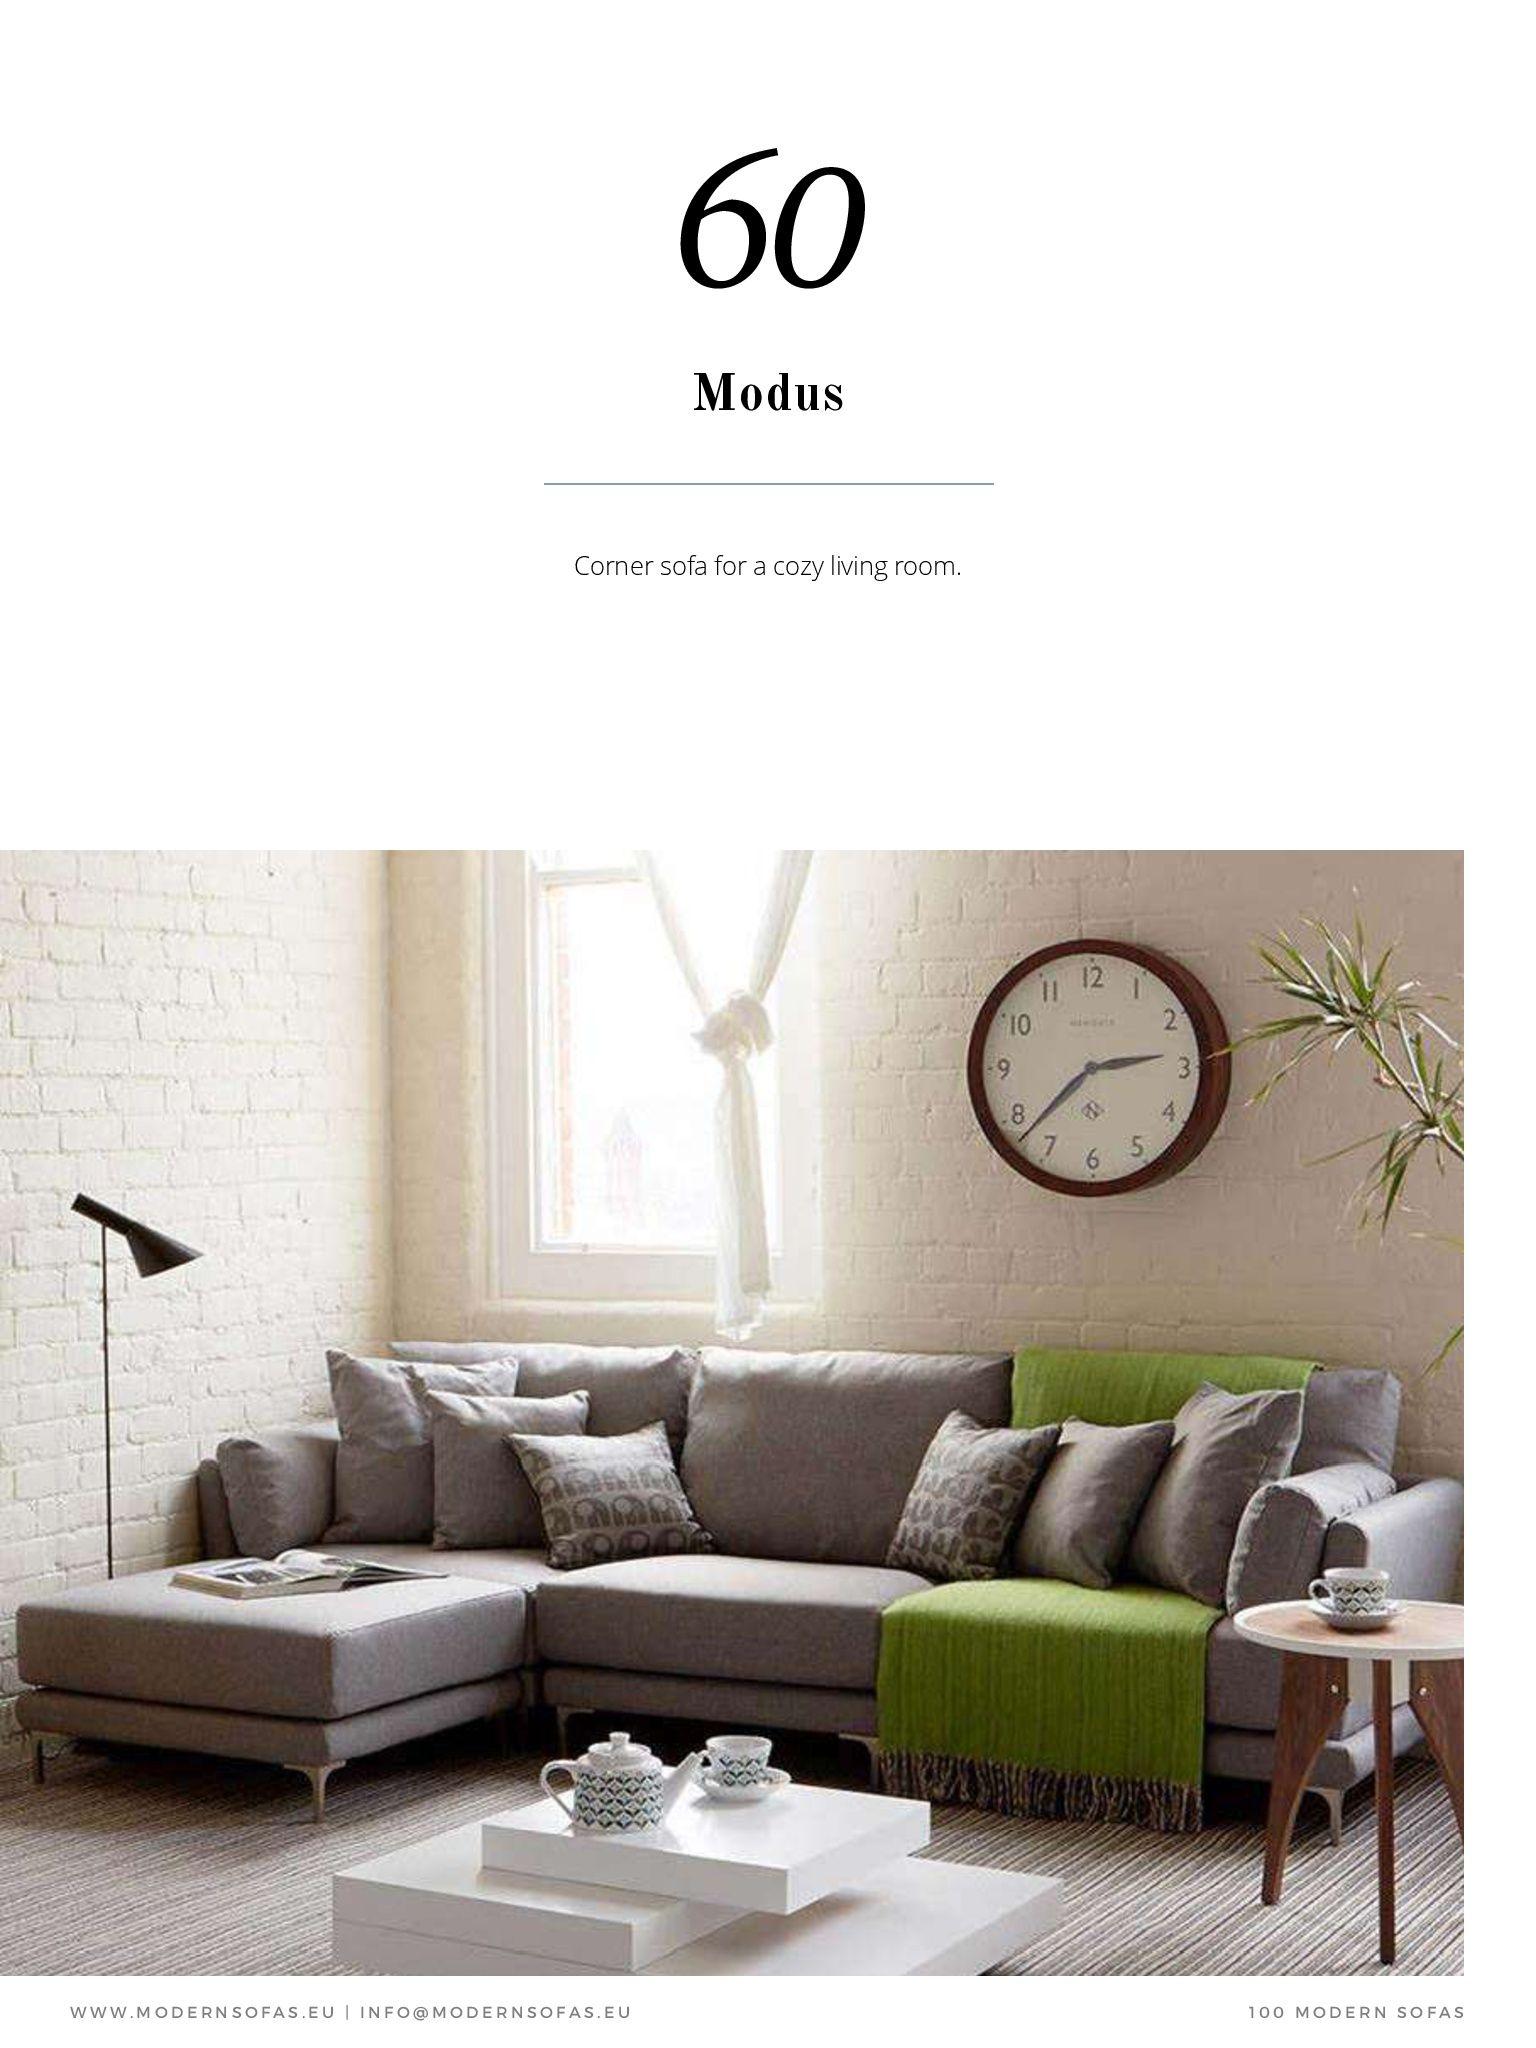 """""""«Les canapés sont la principale attraction dans votre salon alors choisissez la bonne couleur! Laissez-nous vous aider avec cet Ebook où nous montrons différents types de canapés de nombreux designers d'intérieur, tels que Colin Radcliffe. """""""""""""""